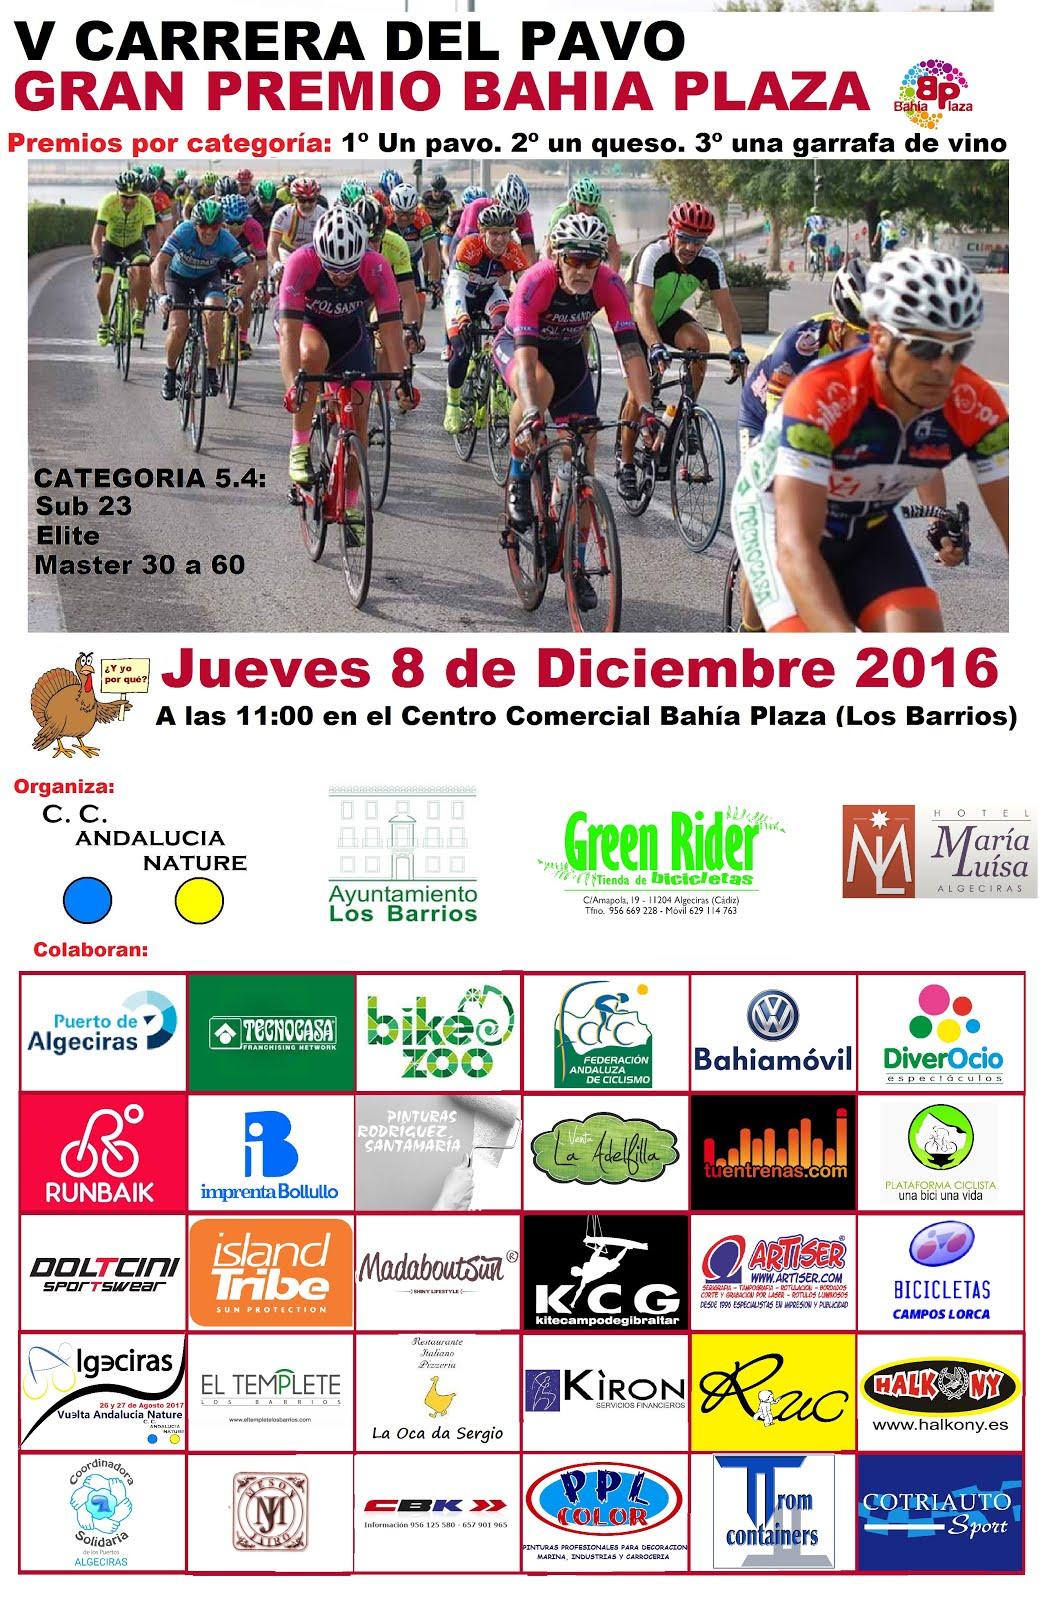 08/12 Ciclodeportiva del Pavo en Los Barrios